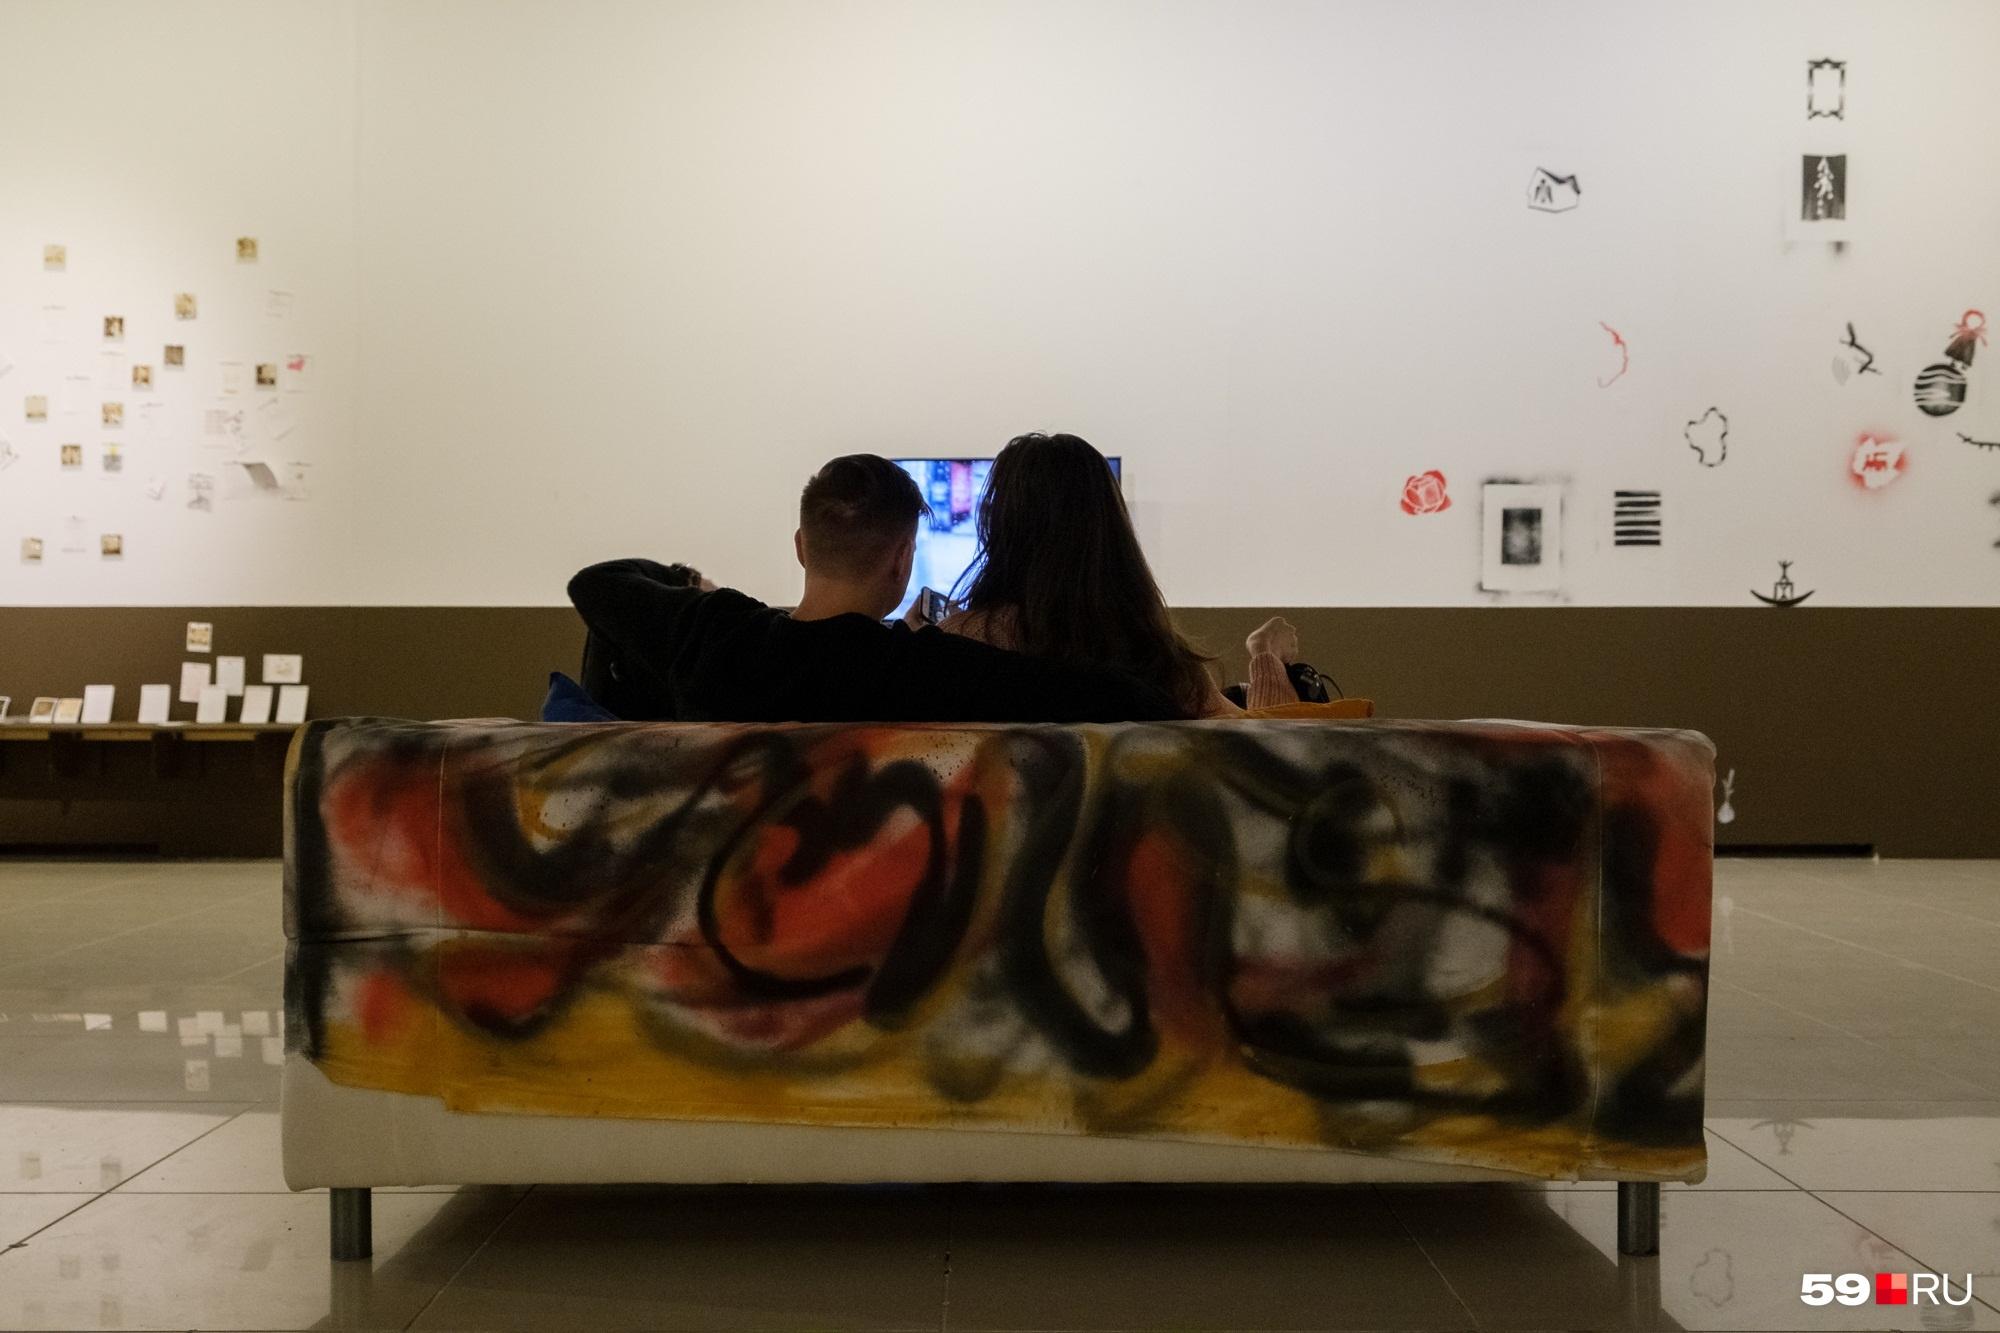 Наслаждаться искусством можно и на диванчике